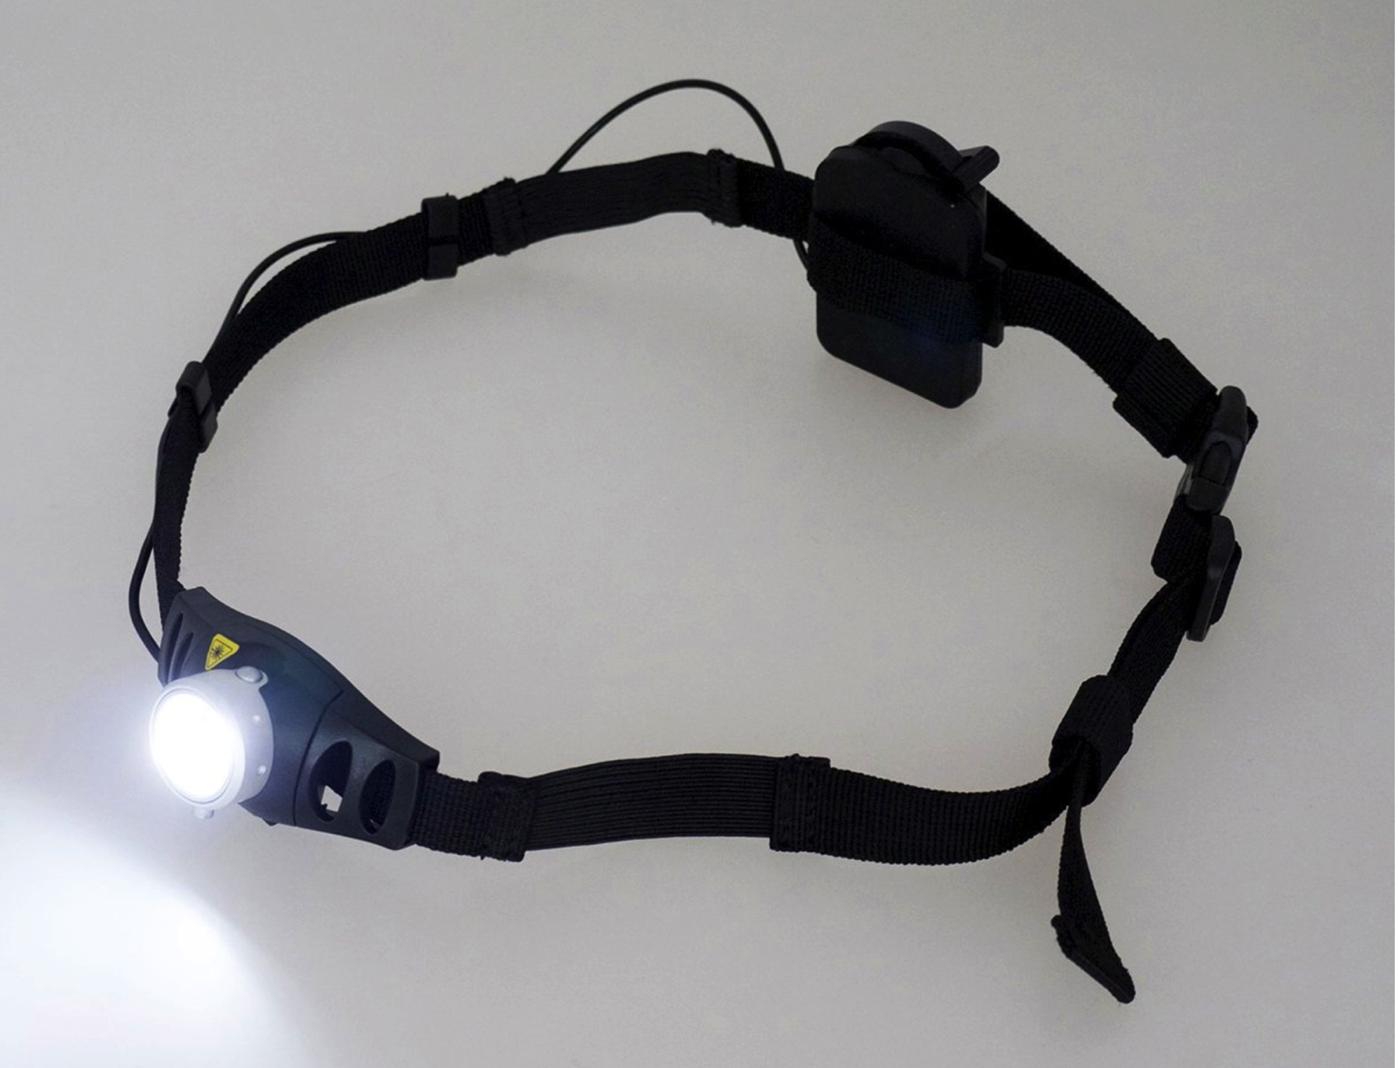 [Amazon]暗闇の朝ラン時の安全性を確保するために「ReUdo ランニングライト 軽量ウエストベルトタイプ」を購入したよ